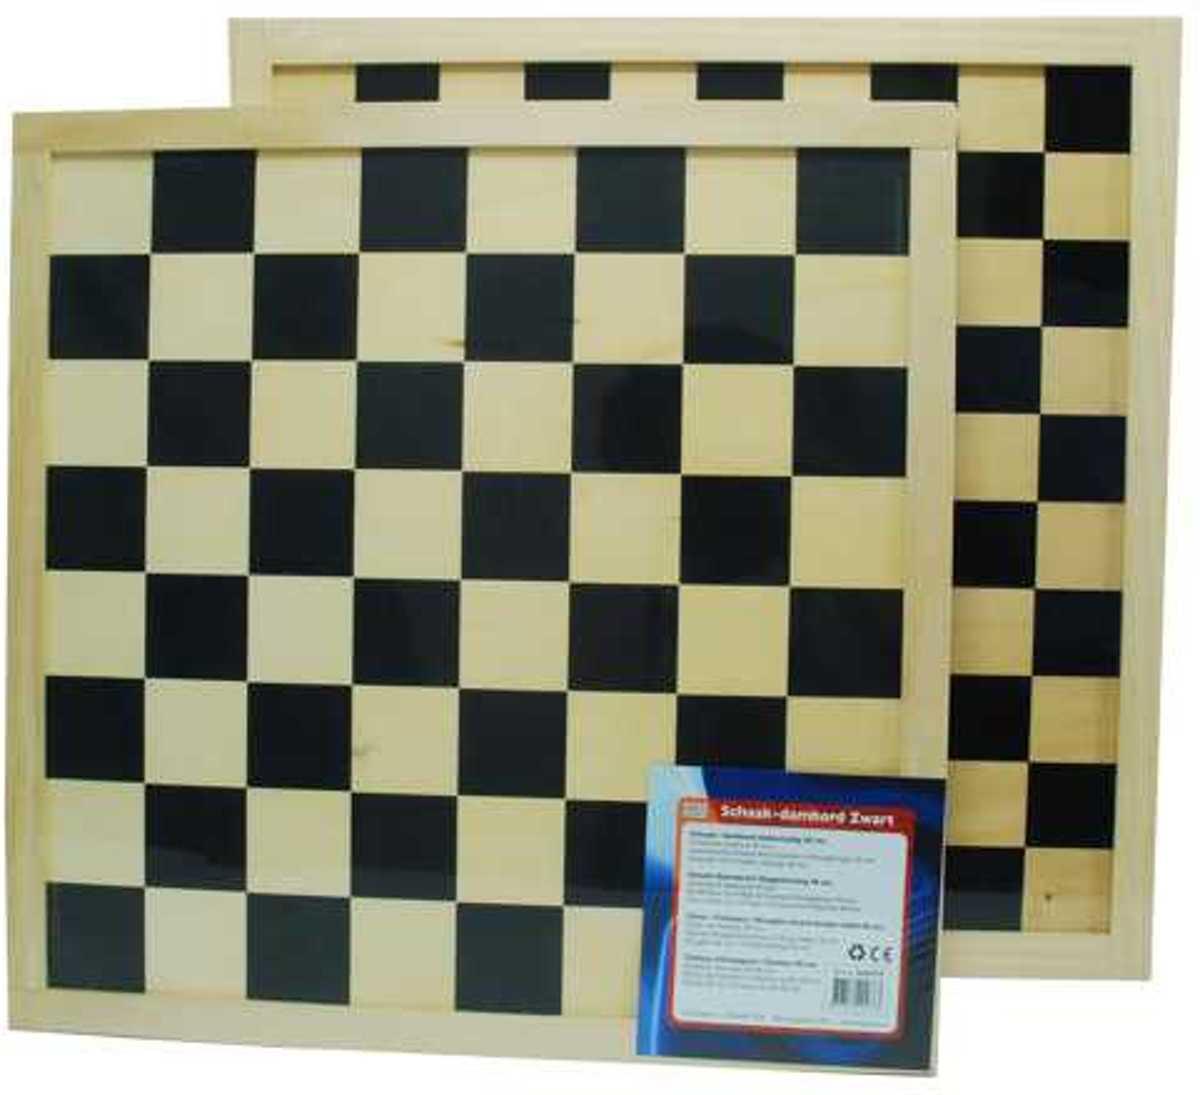 Schaak/dambord blank/zwart 40 cm